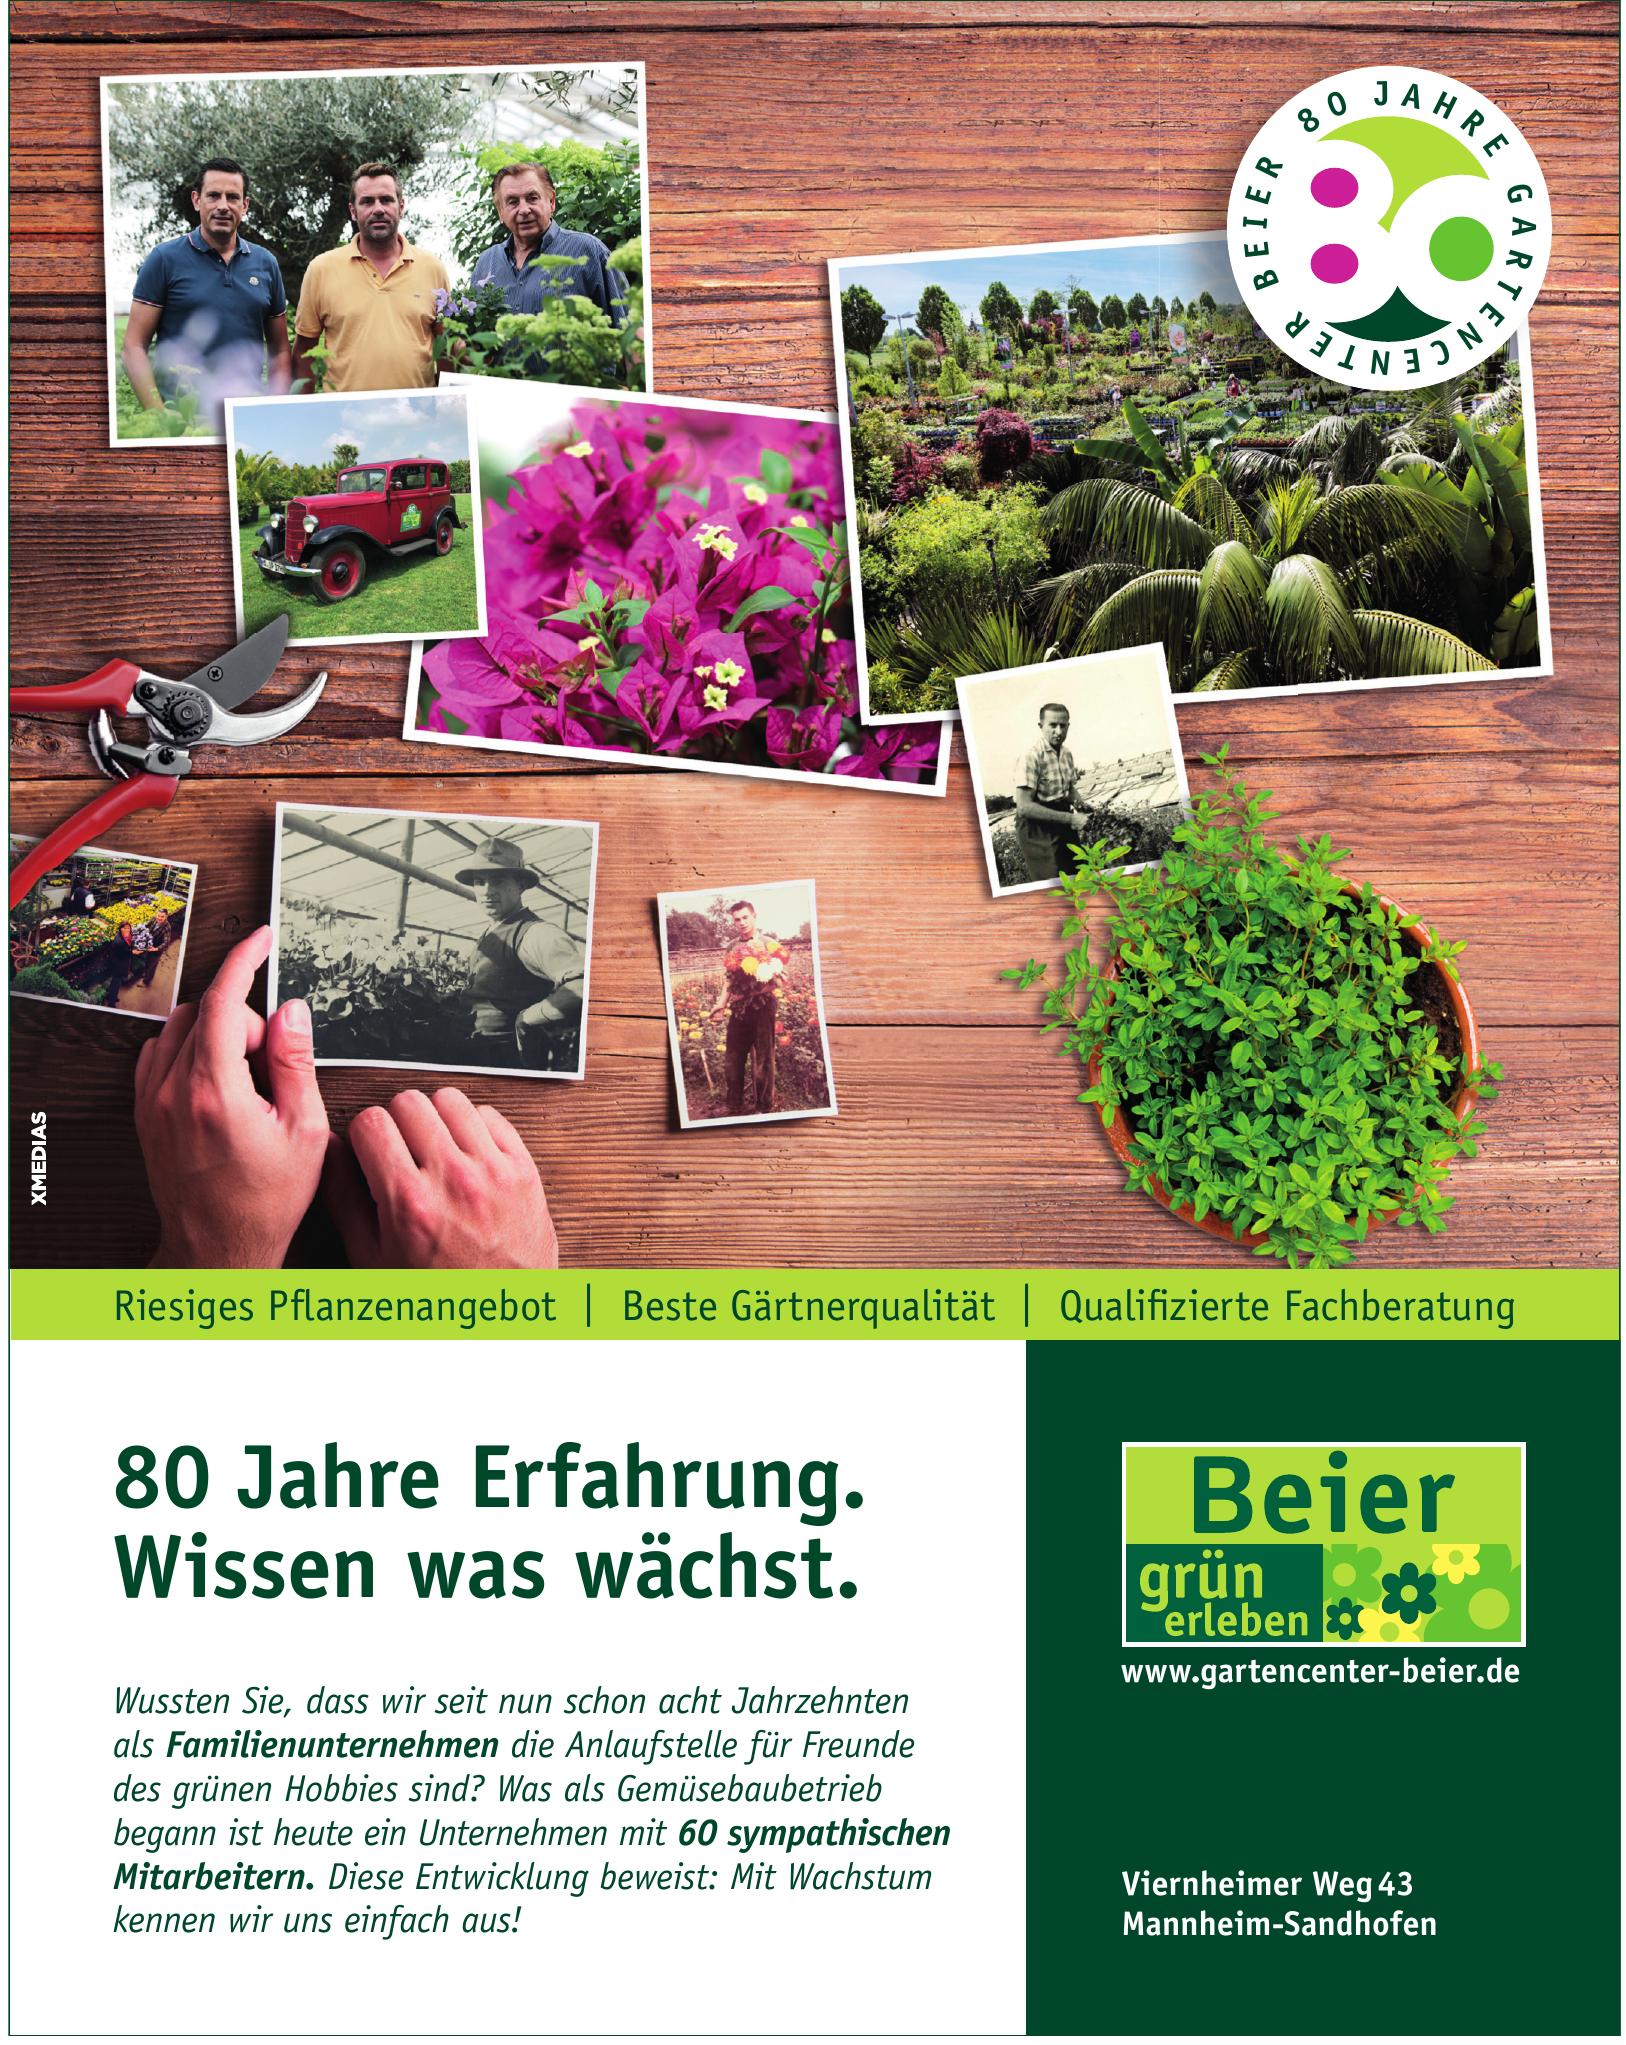 Beier GmbH & Co. KG